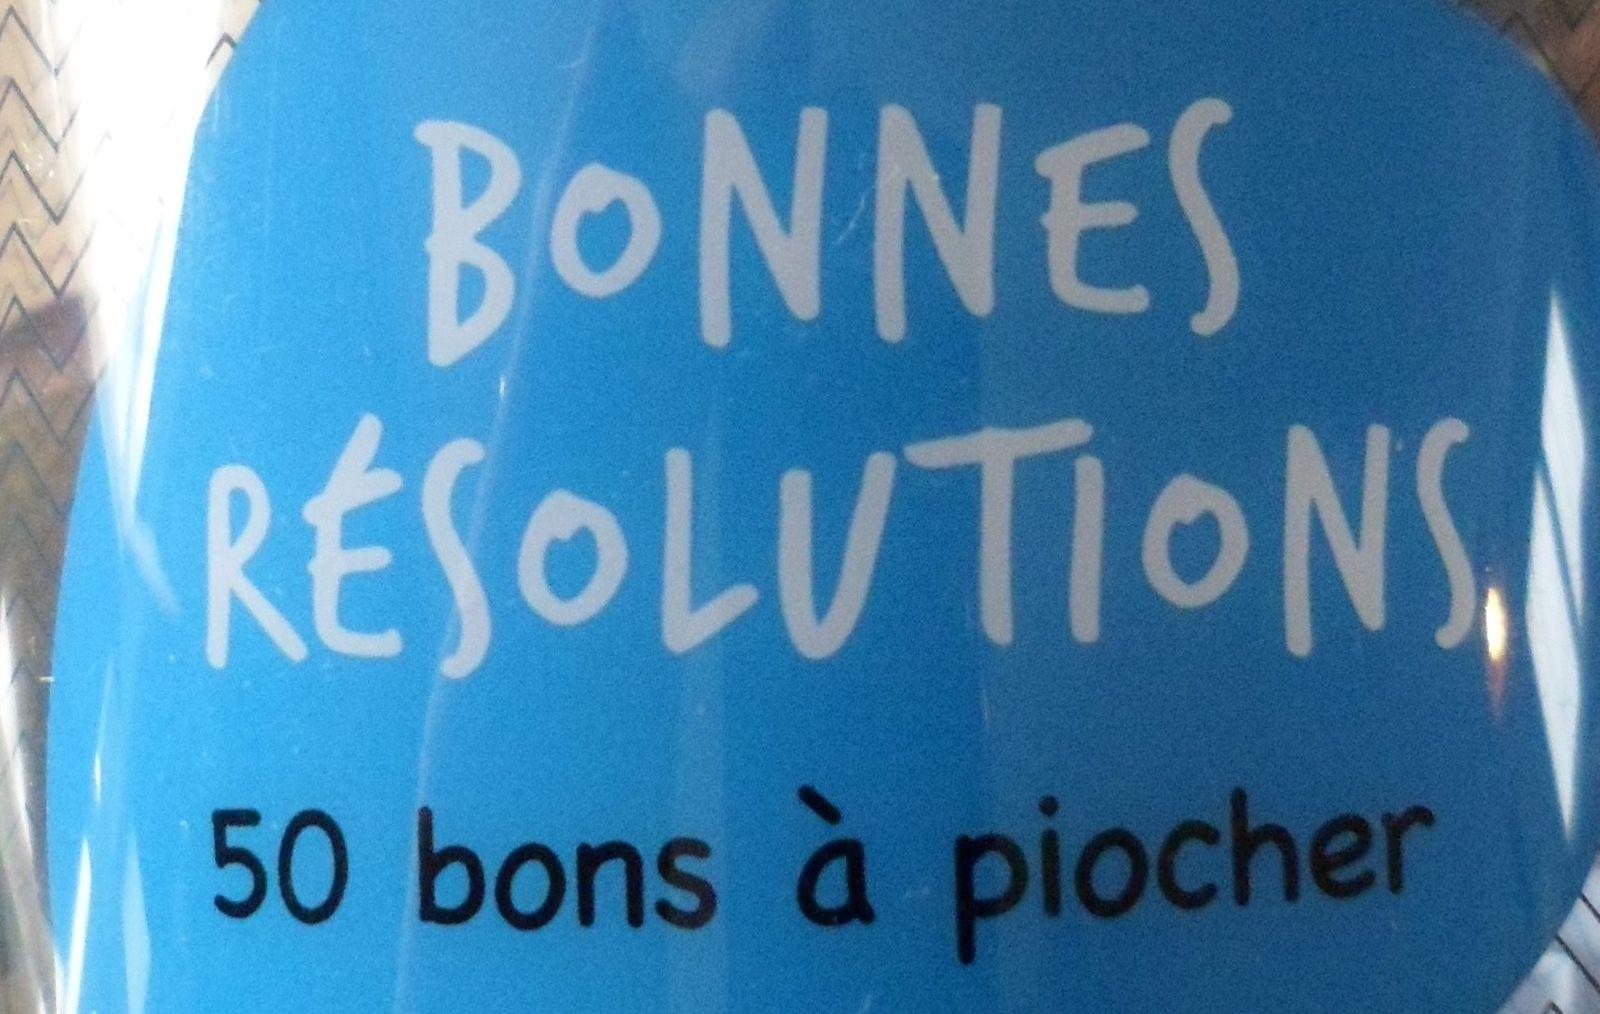 Bonnes résolutions #20